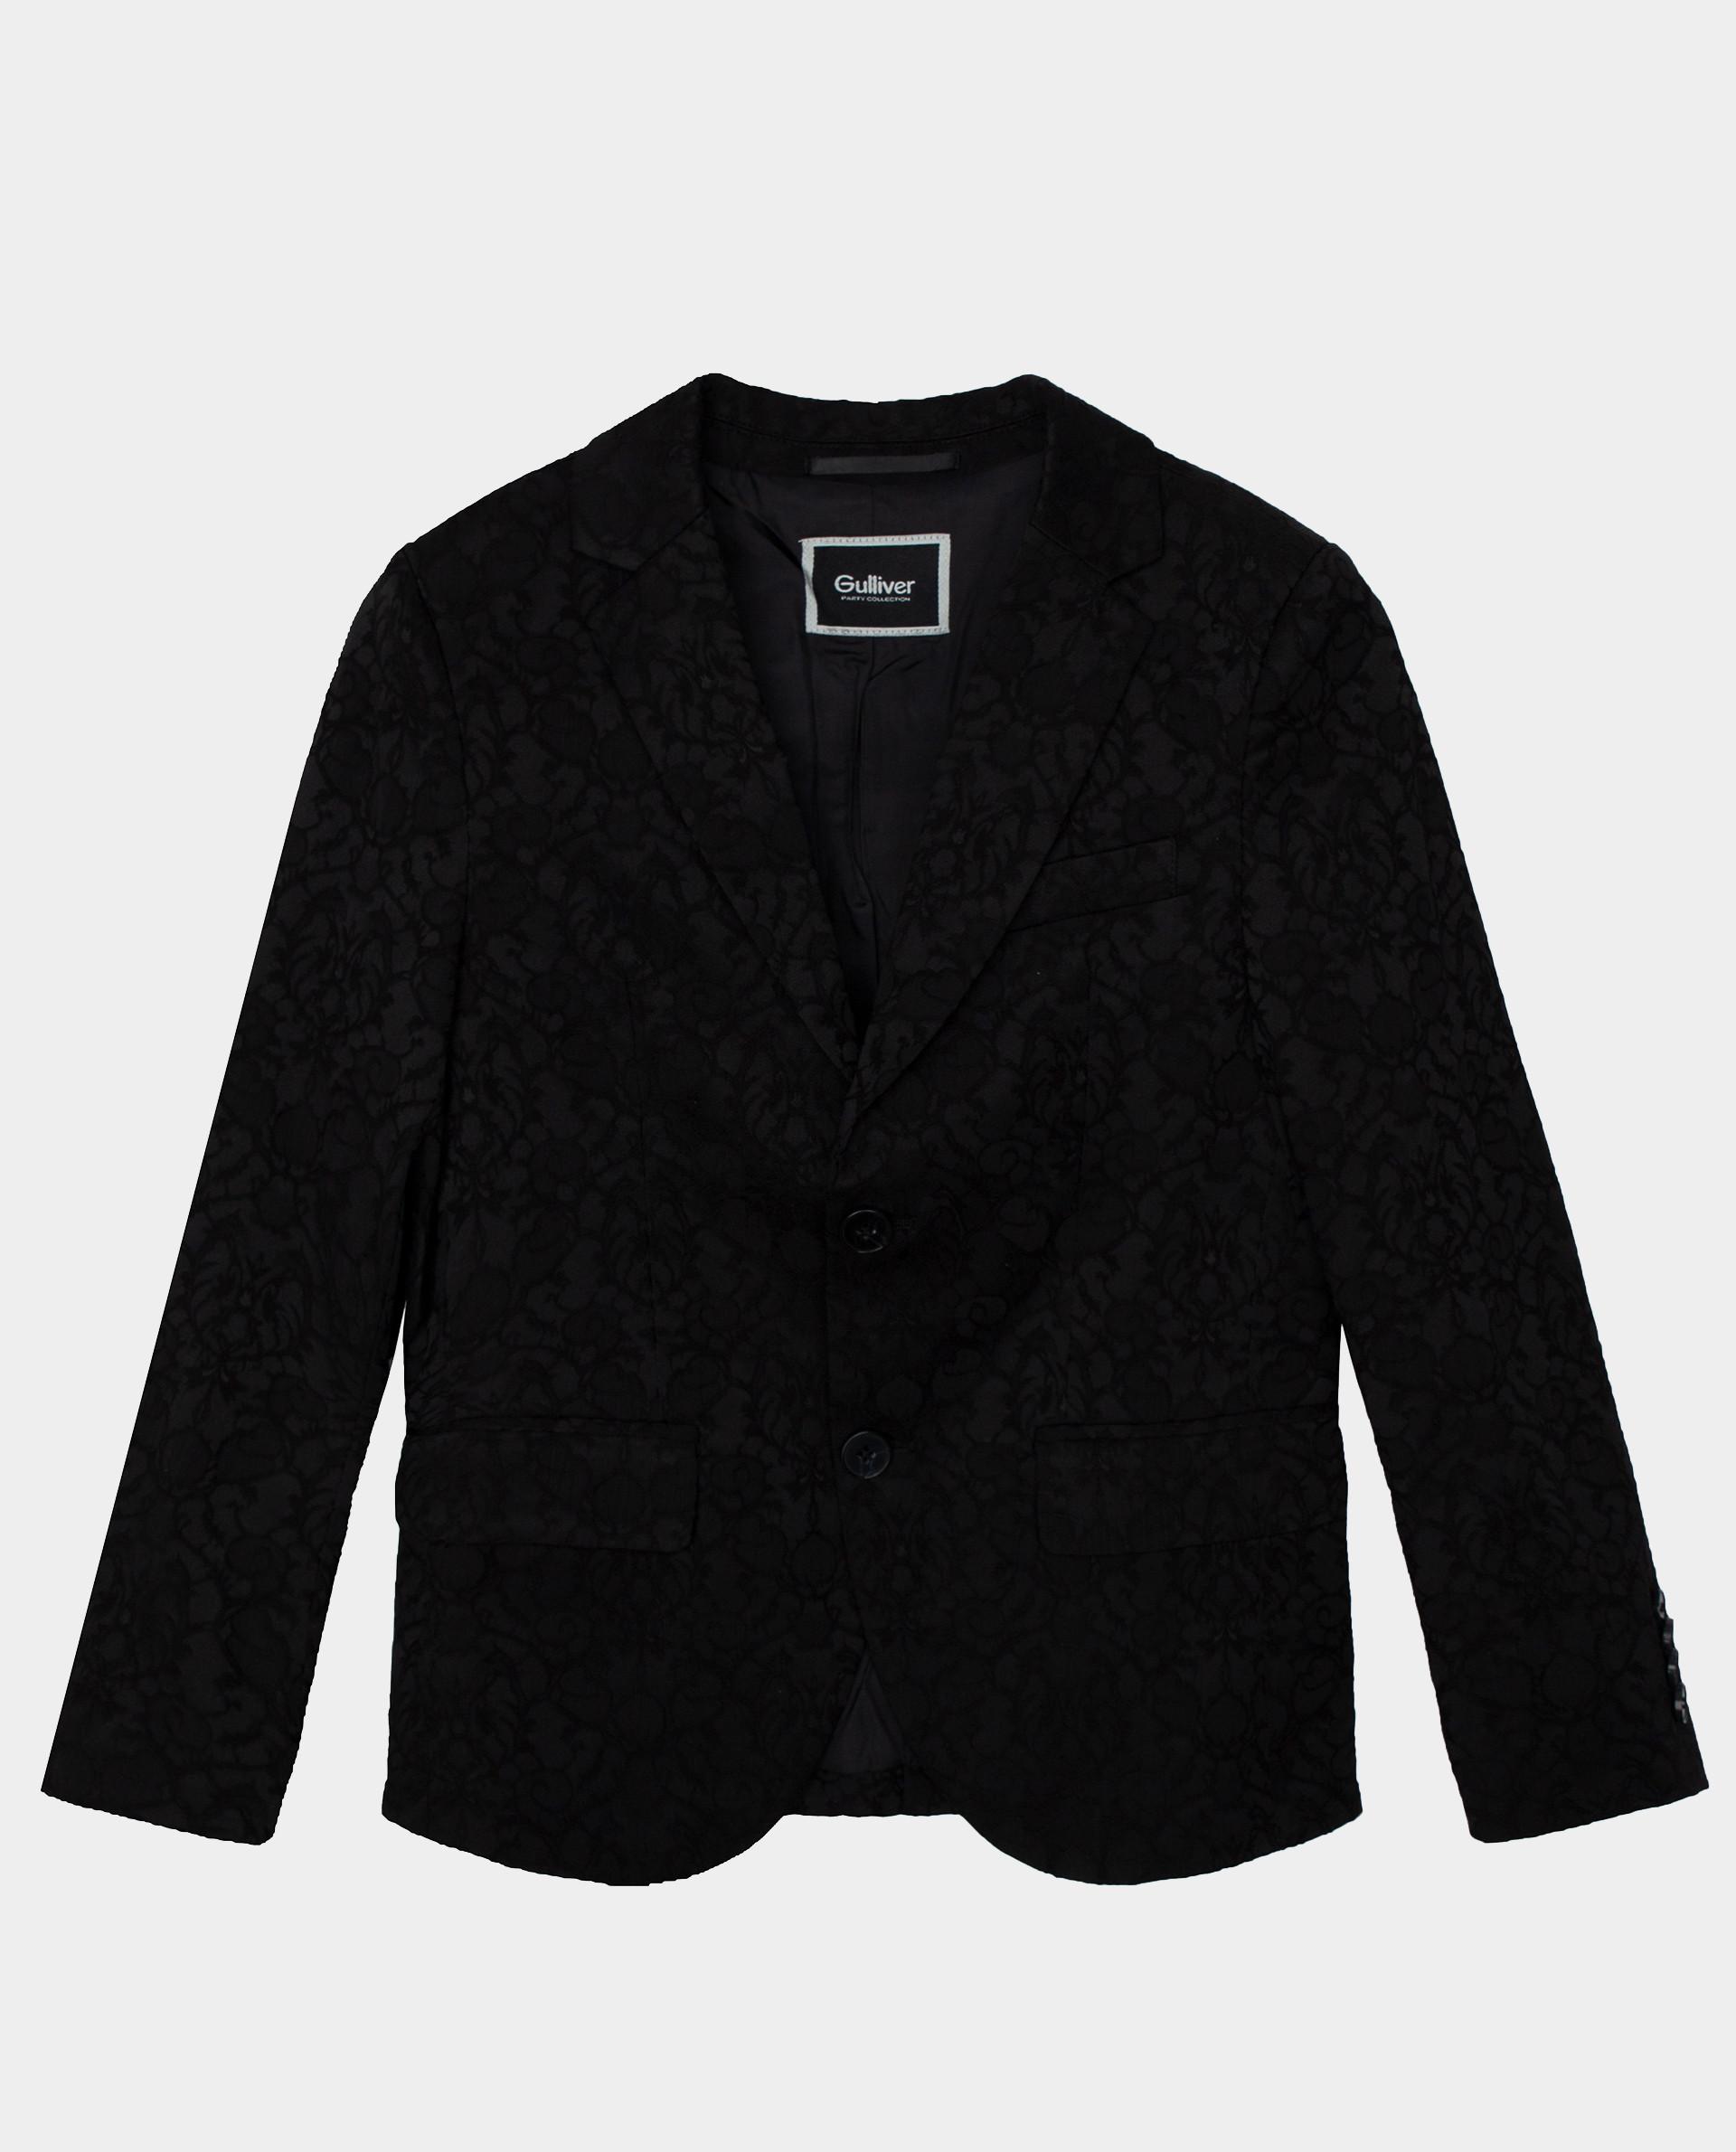 Черный пиджак Gulliver размер 140 220GPBJC4801,  - купить со скидкой